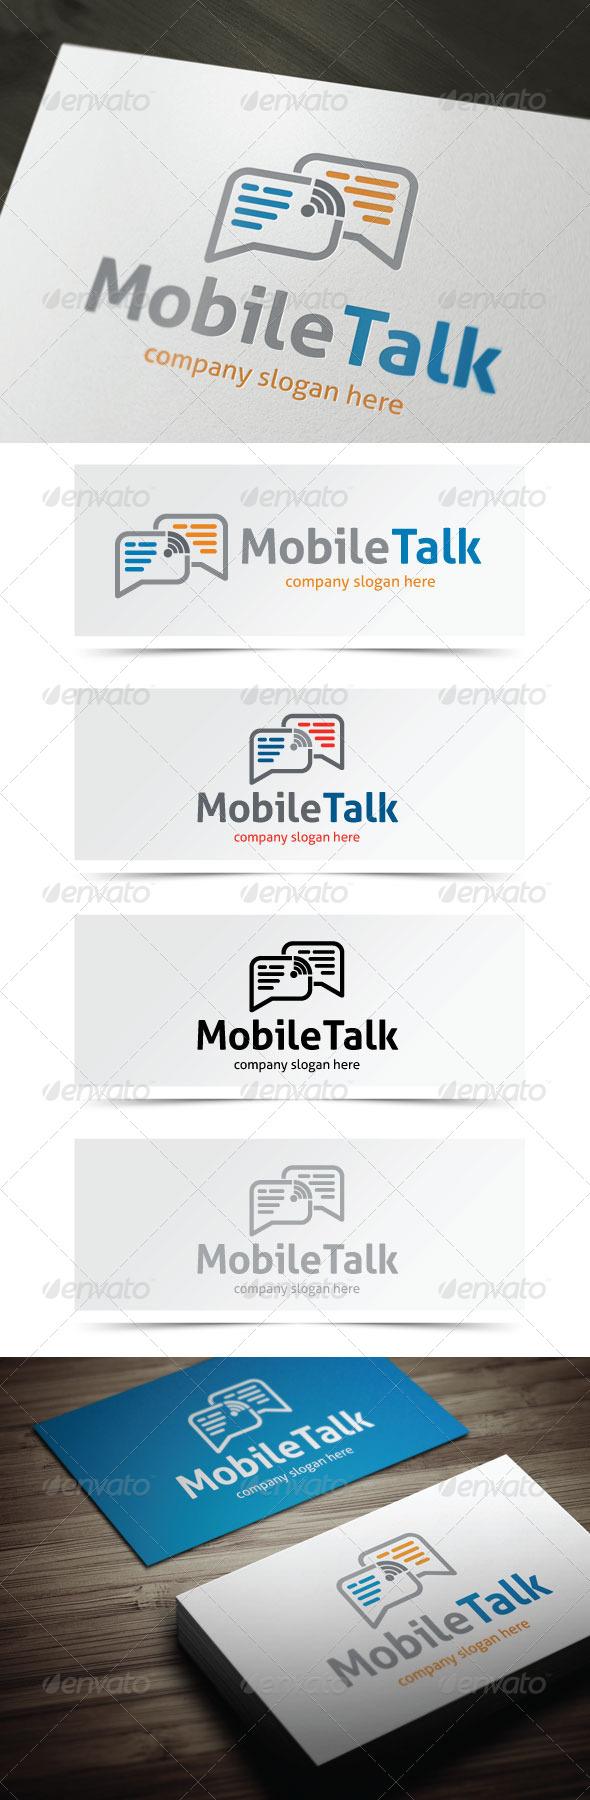 GraphicRiver Mobile Talk 5355946